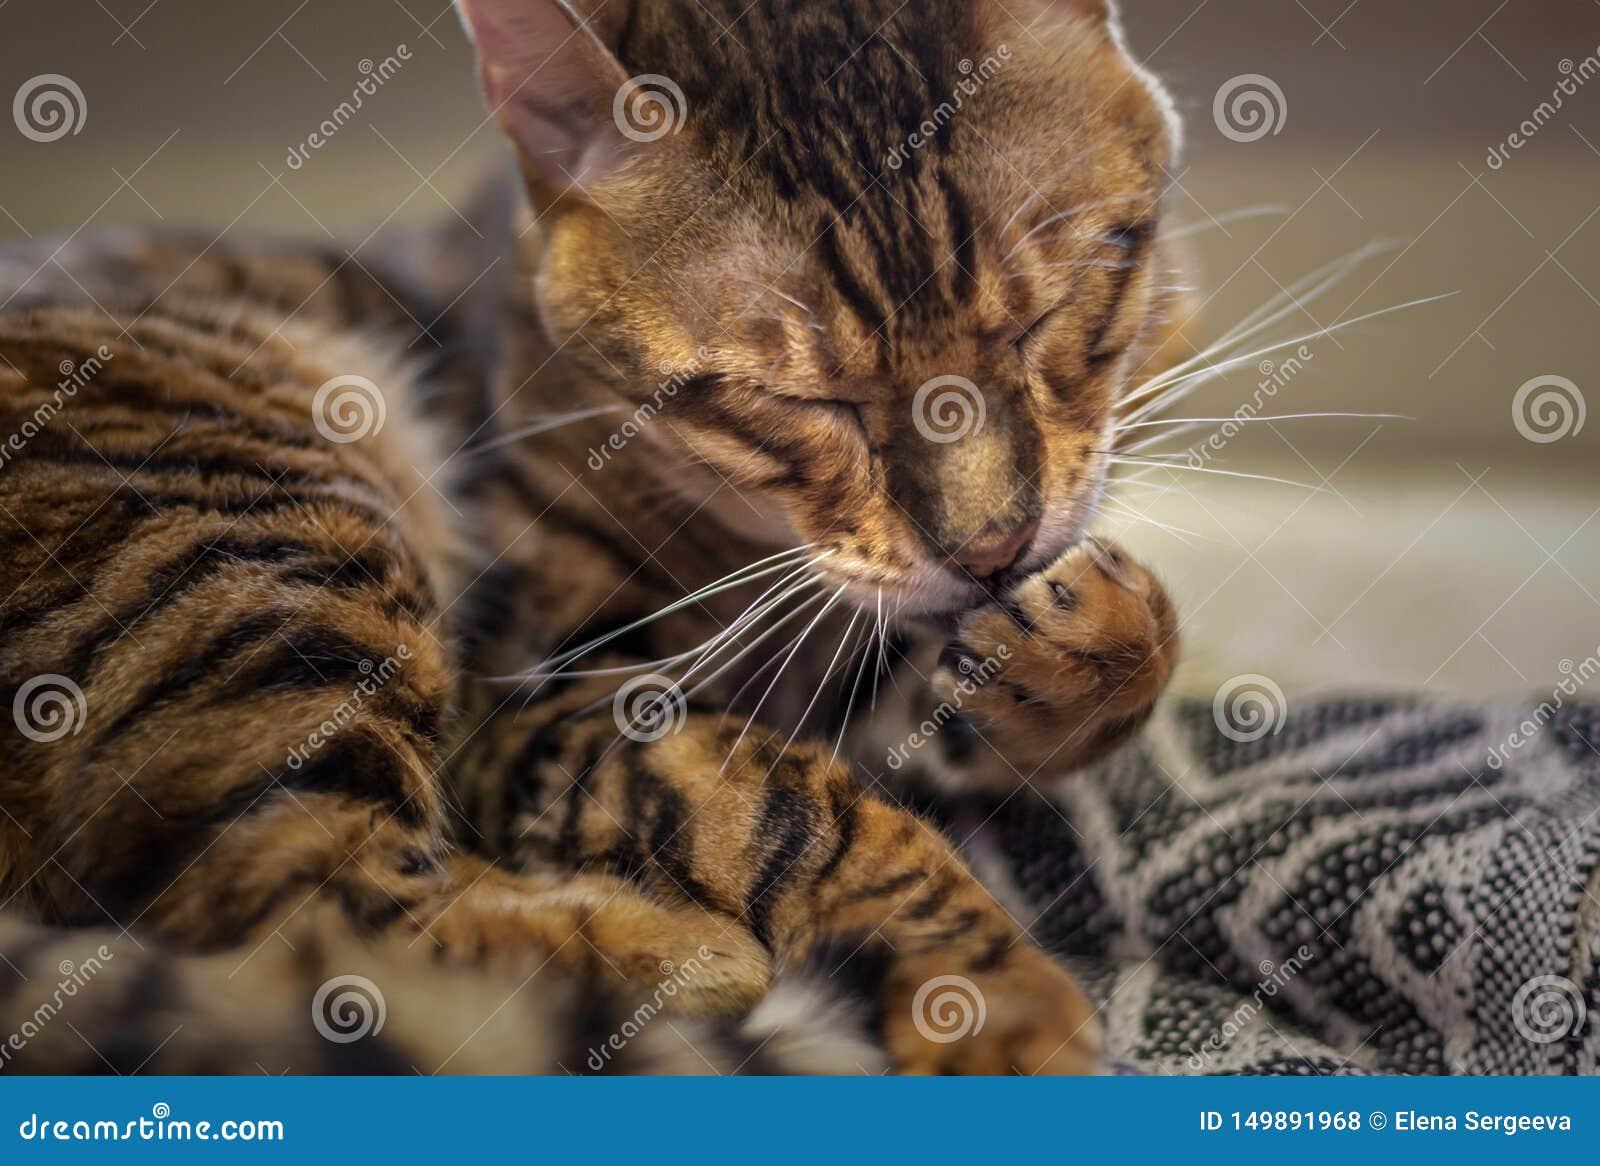 Gestreepte kat die poot likken